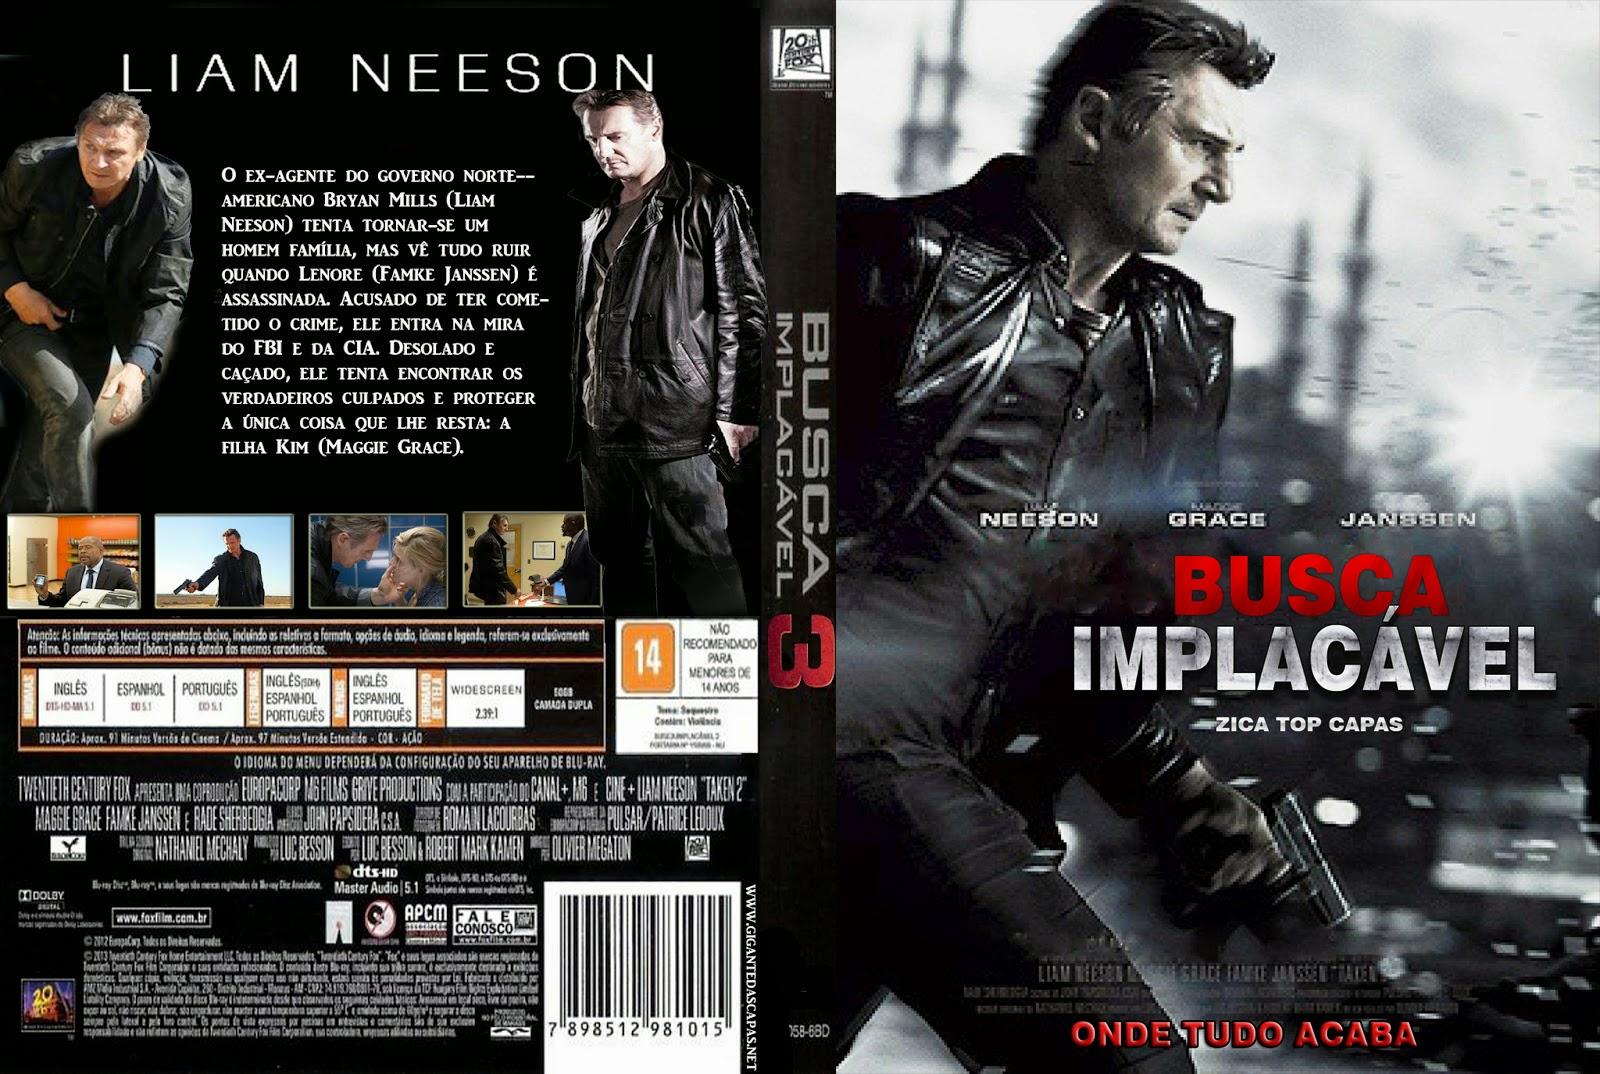 Baixar Busca Implacavel 2 Taken 2 Dublado Bluray 720p E 1080p Filmes Torrent